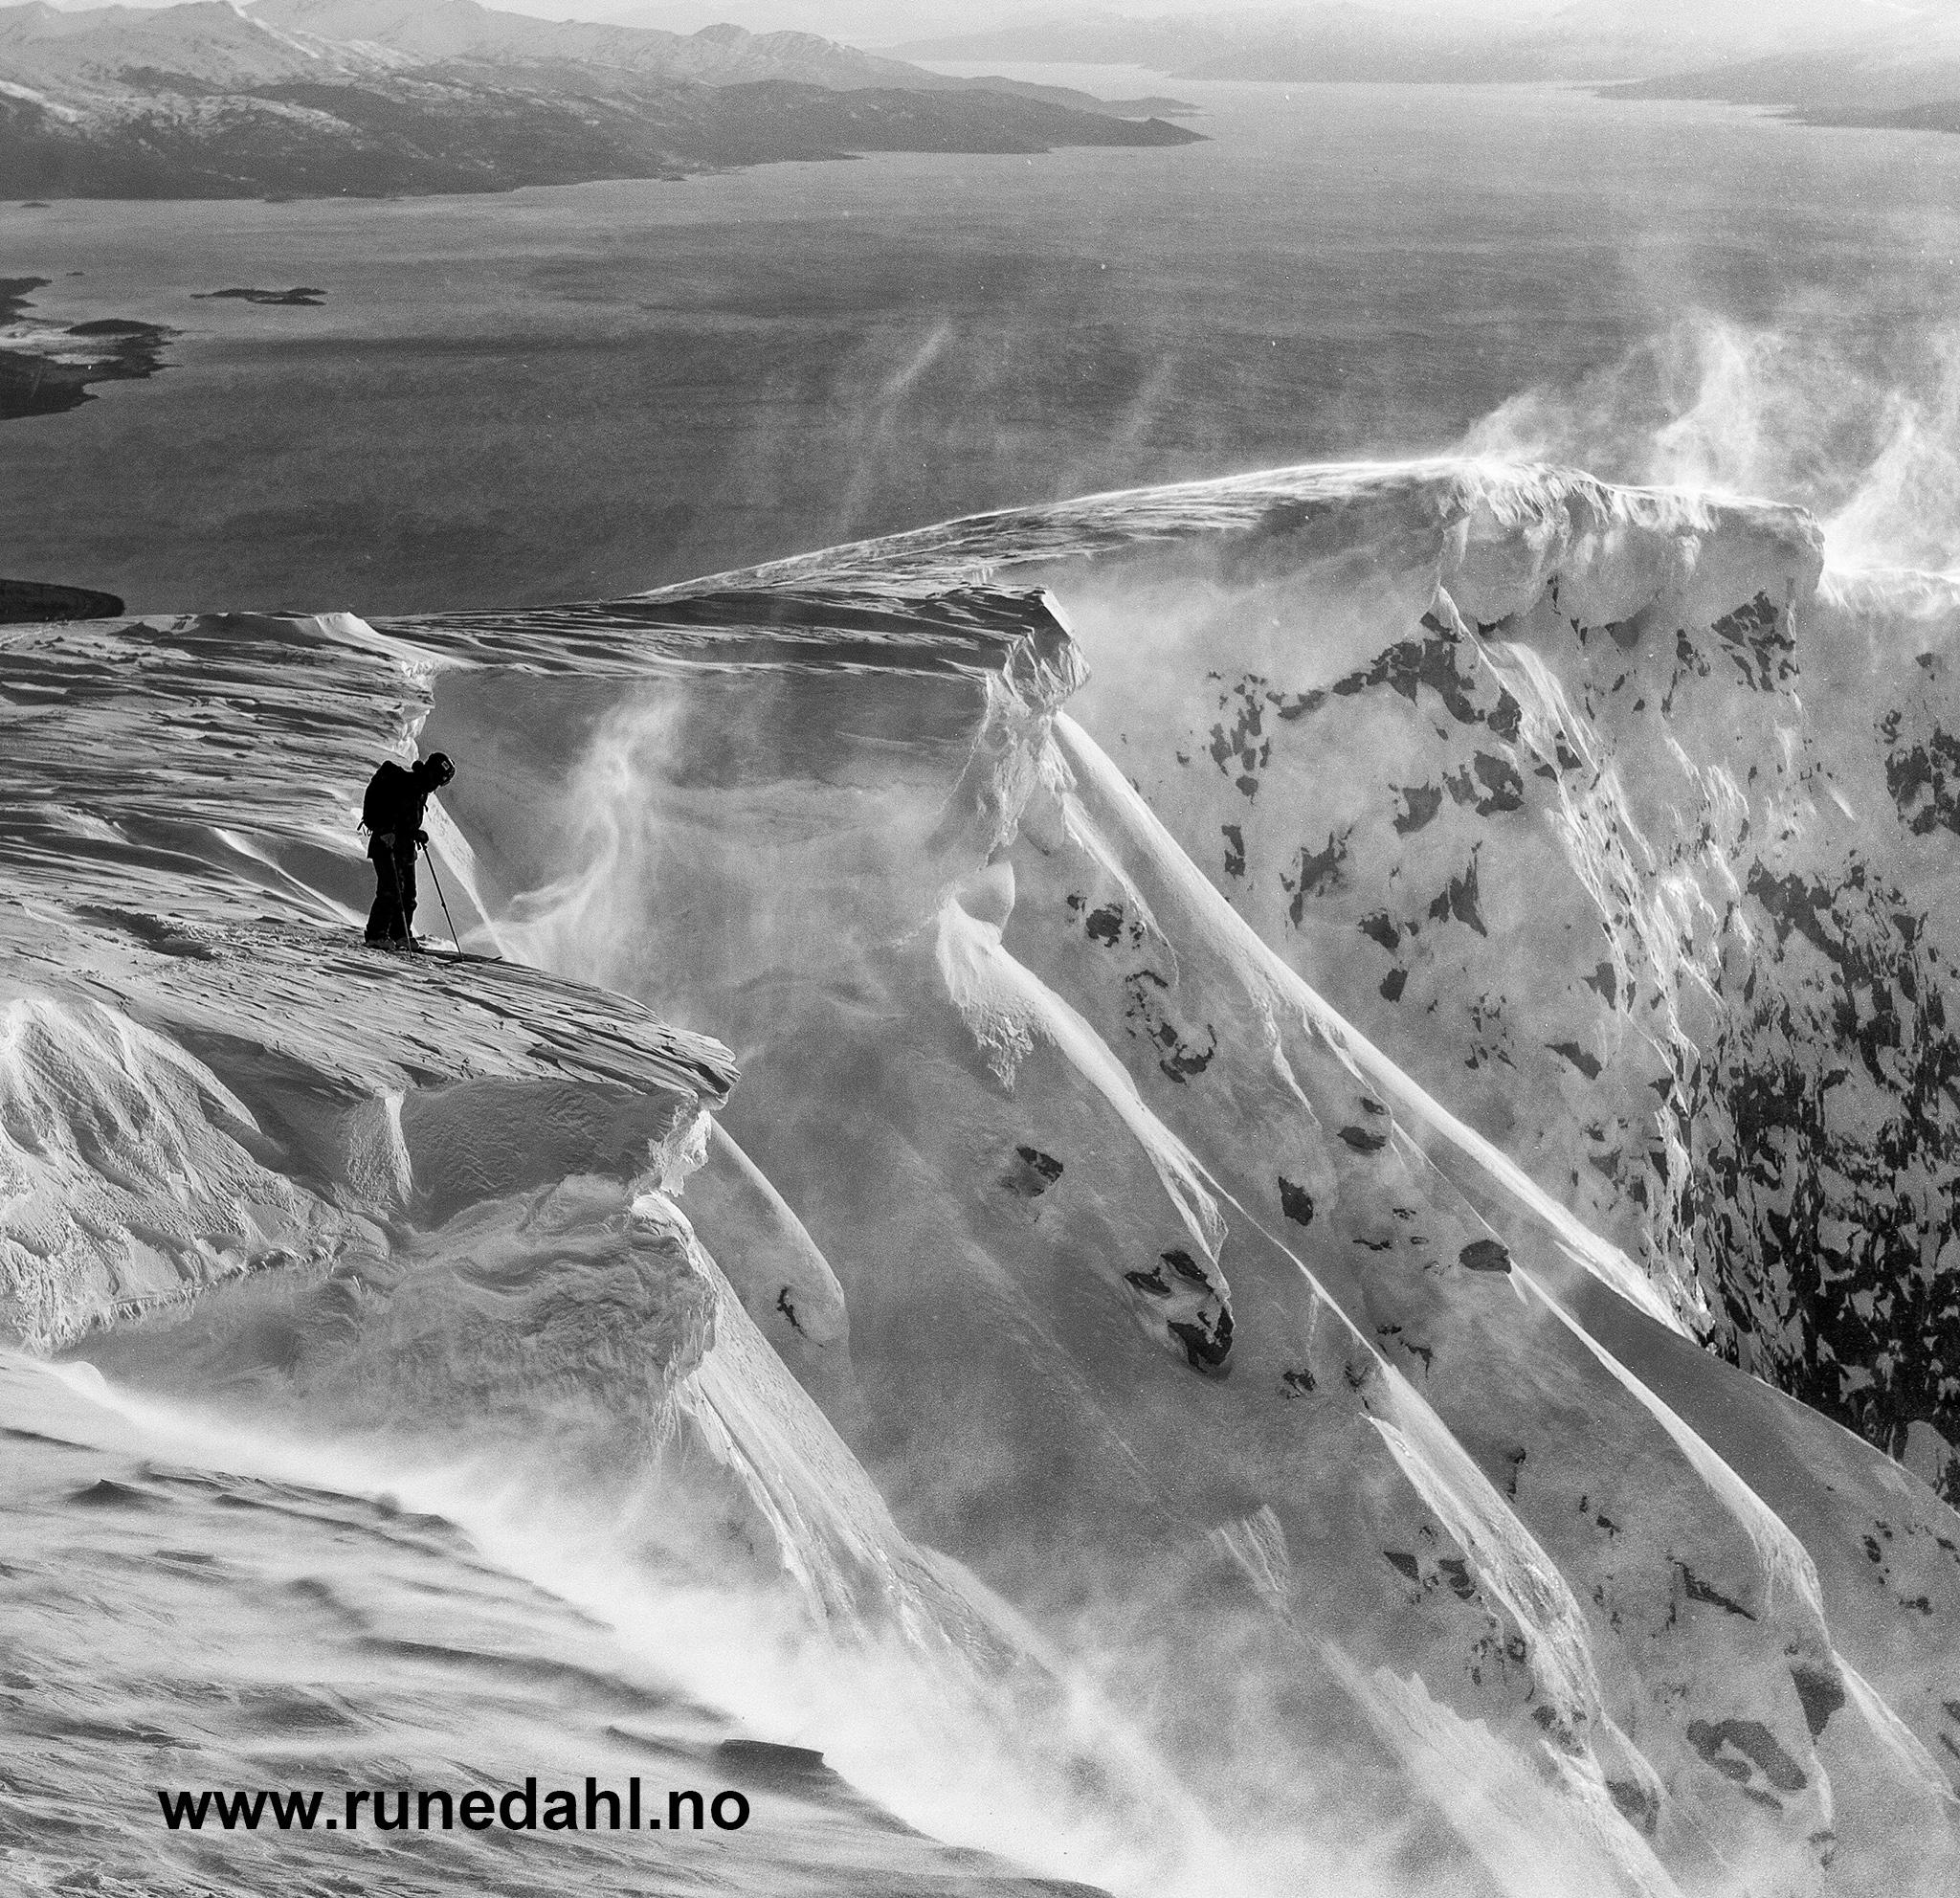 Johan Jonsson venter på klarsignal fra fotograf Fredriksson. Foto: Rune Dahl